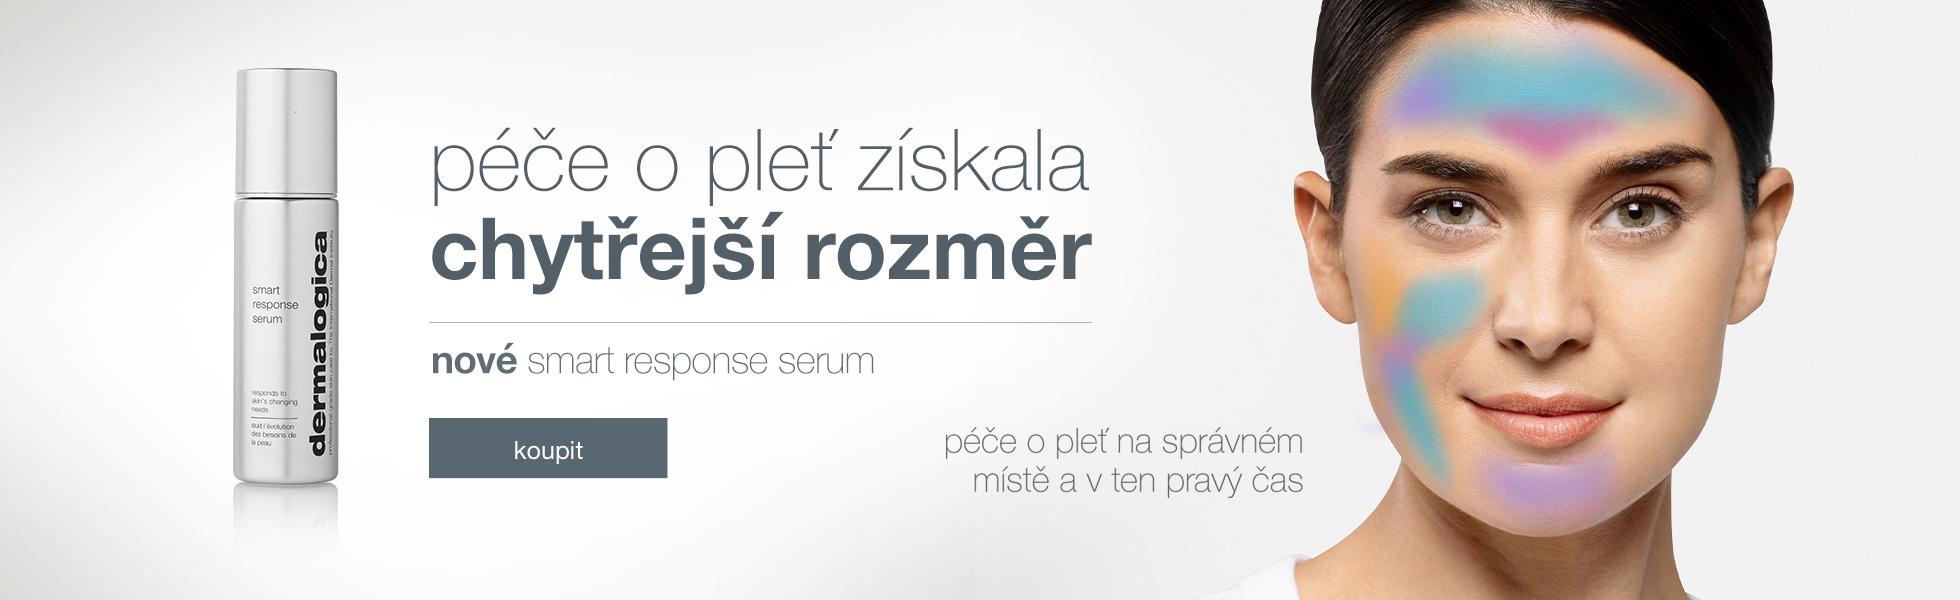 nové smart response serum již brzy v prodeji!